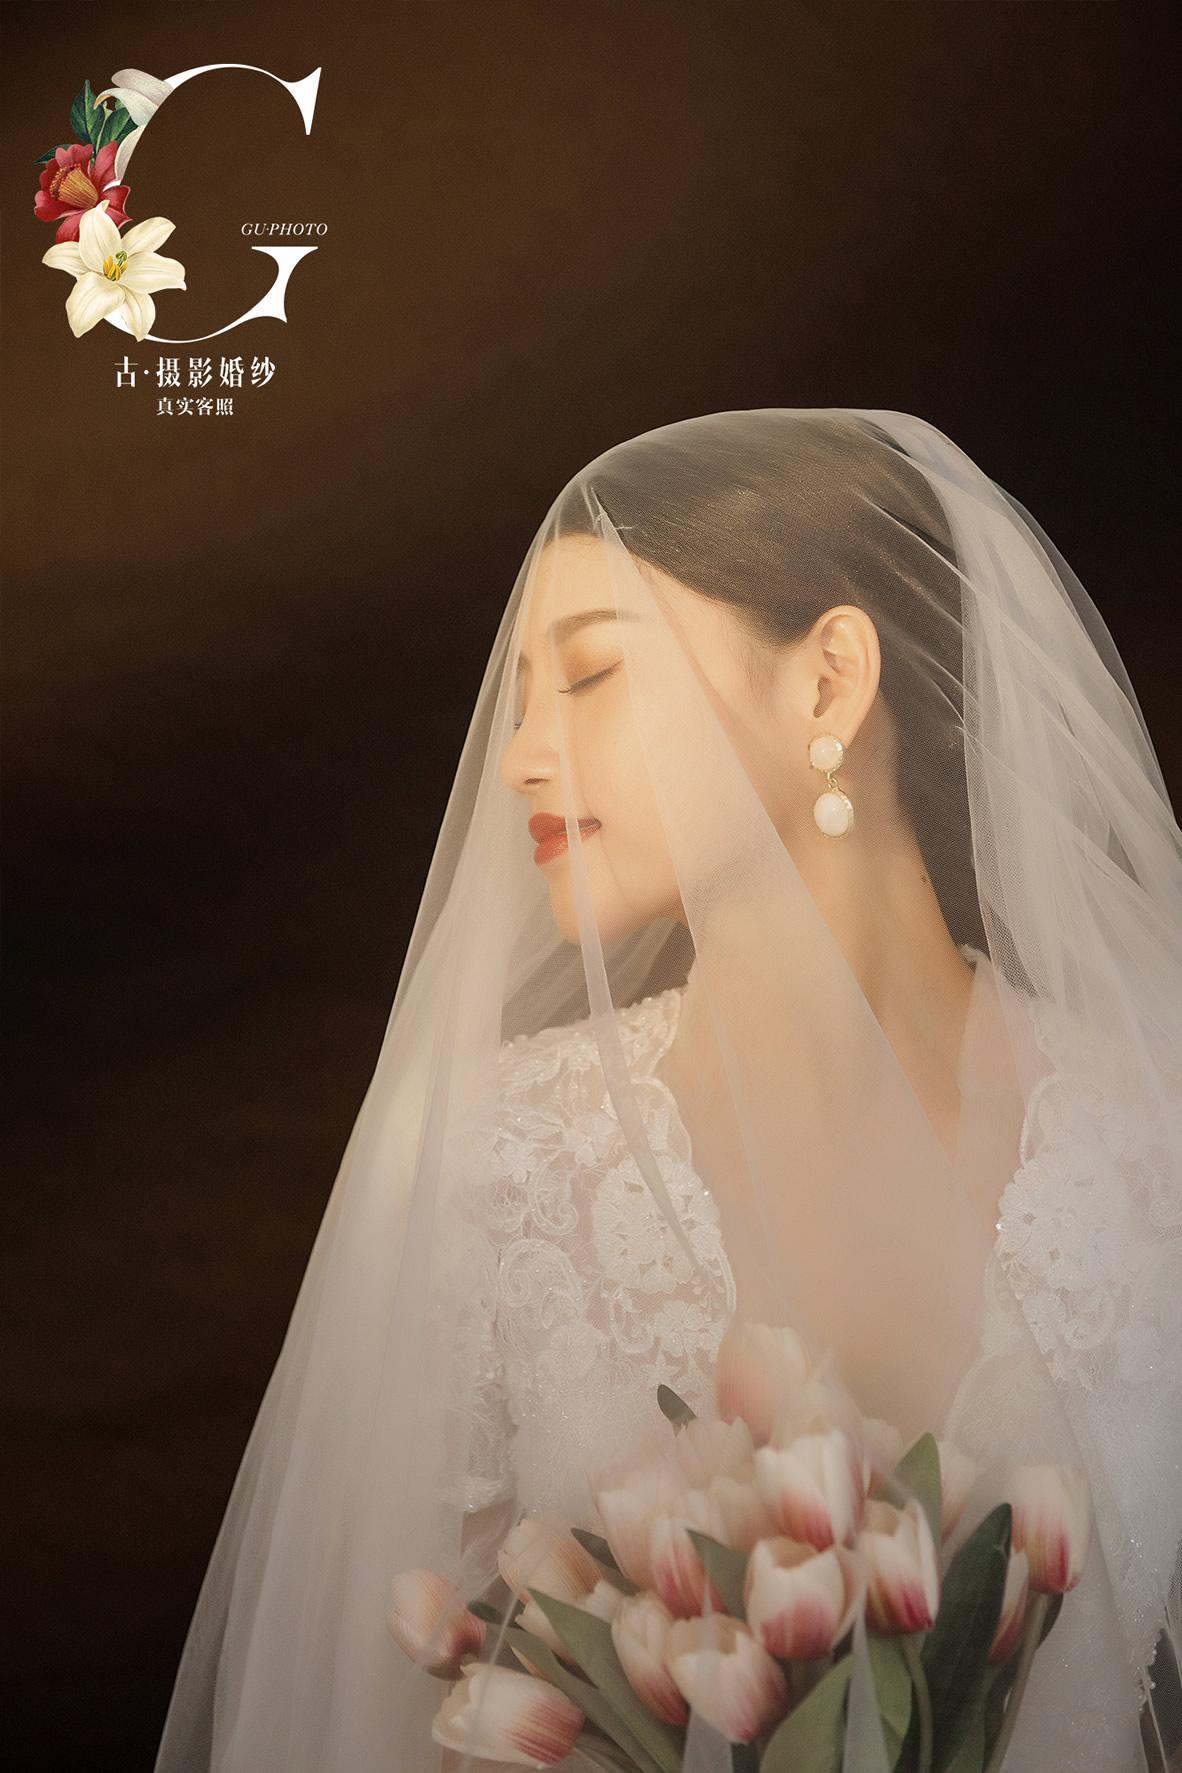 刘先生 杨小姐 - 每日客照 - 古摄影婚纱艺术-古摄影成都婚纱摄影艺术摄影网